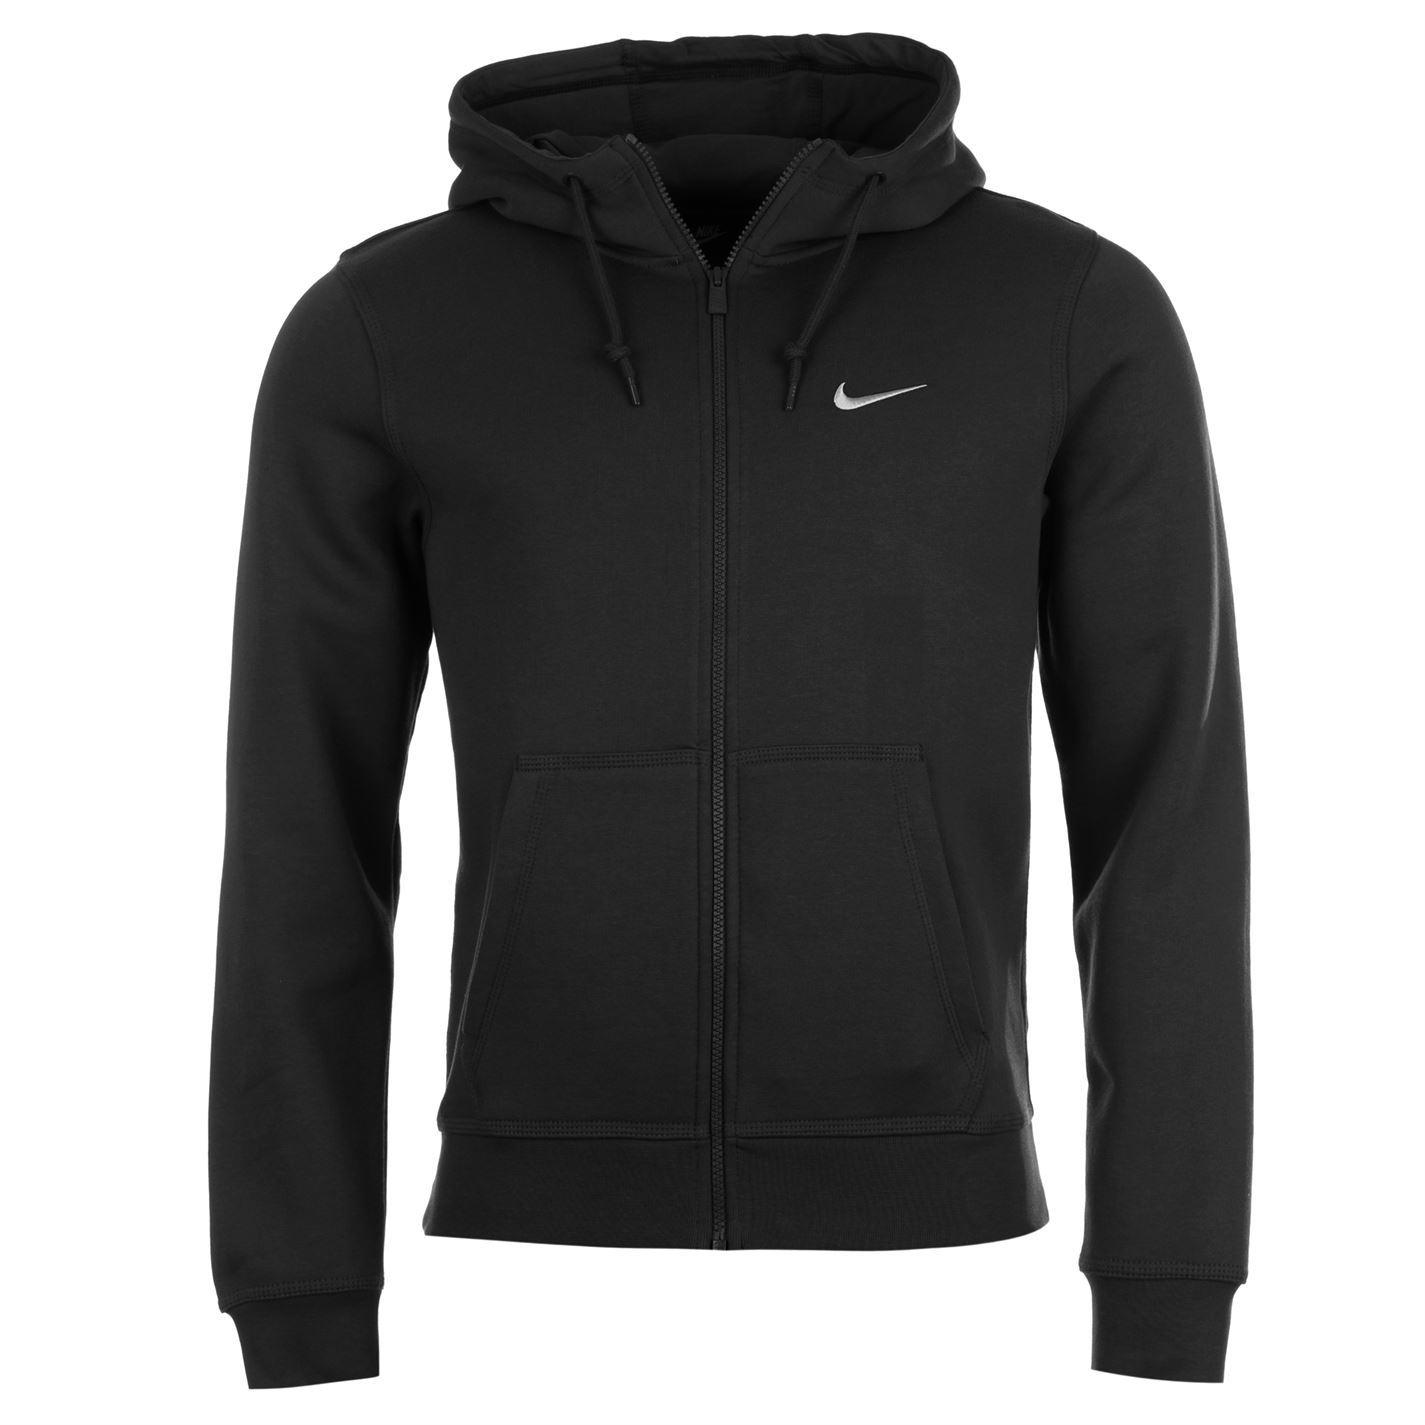 9faef9bbc0f5 Nike Fundamentals Full Zip Hoody Jacket Mens Hoodie Sweatshirt Sweater Top